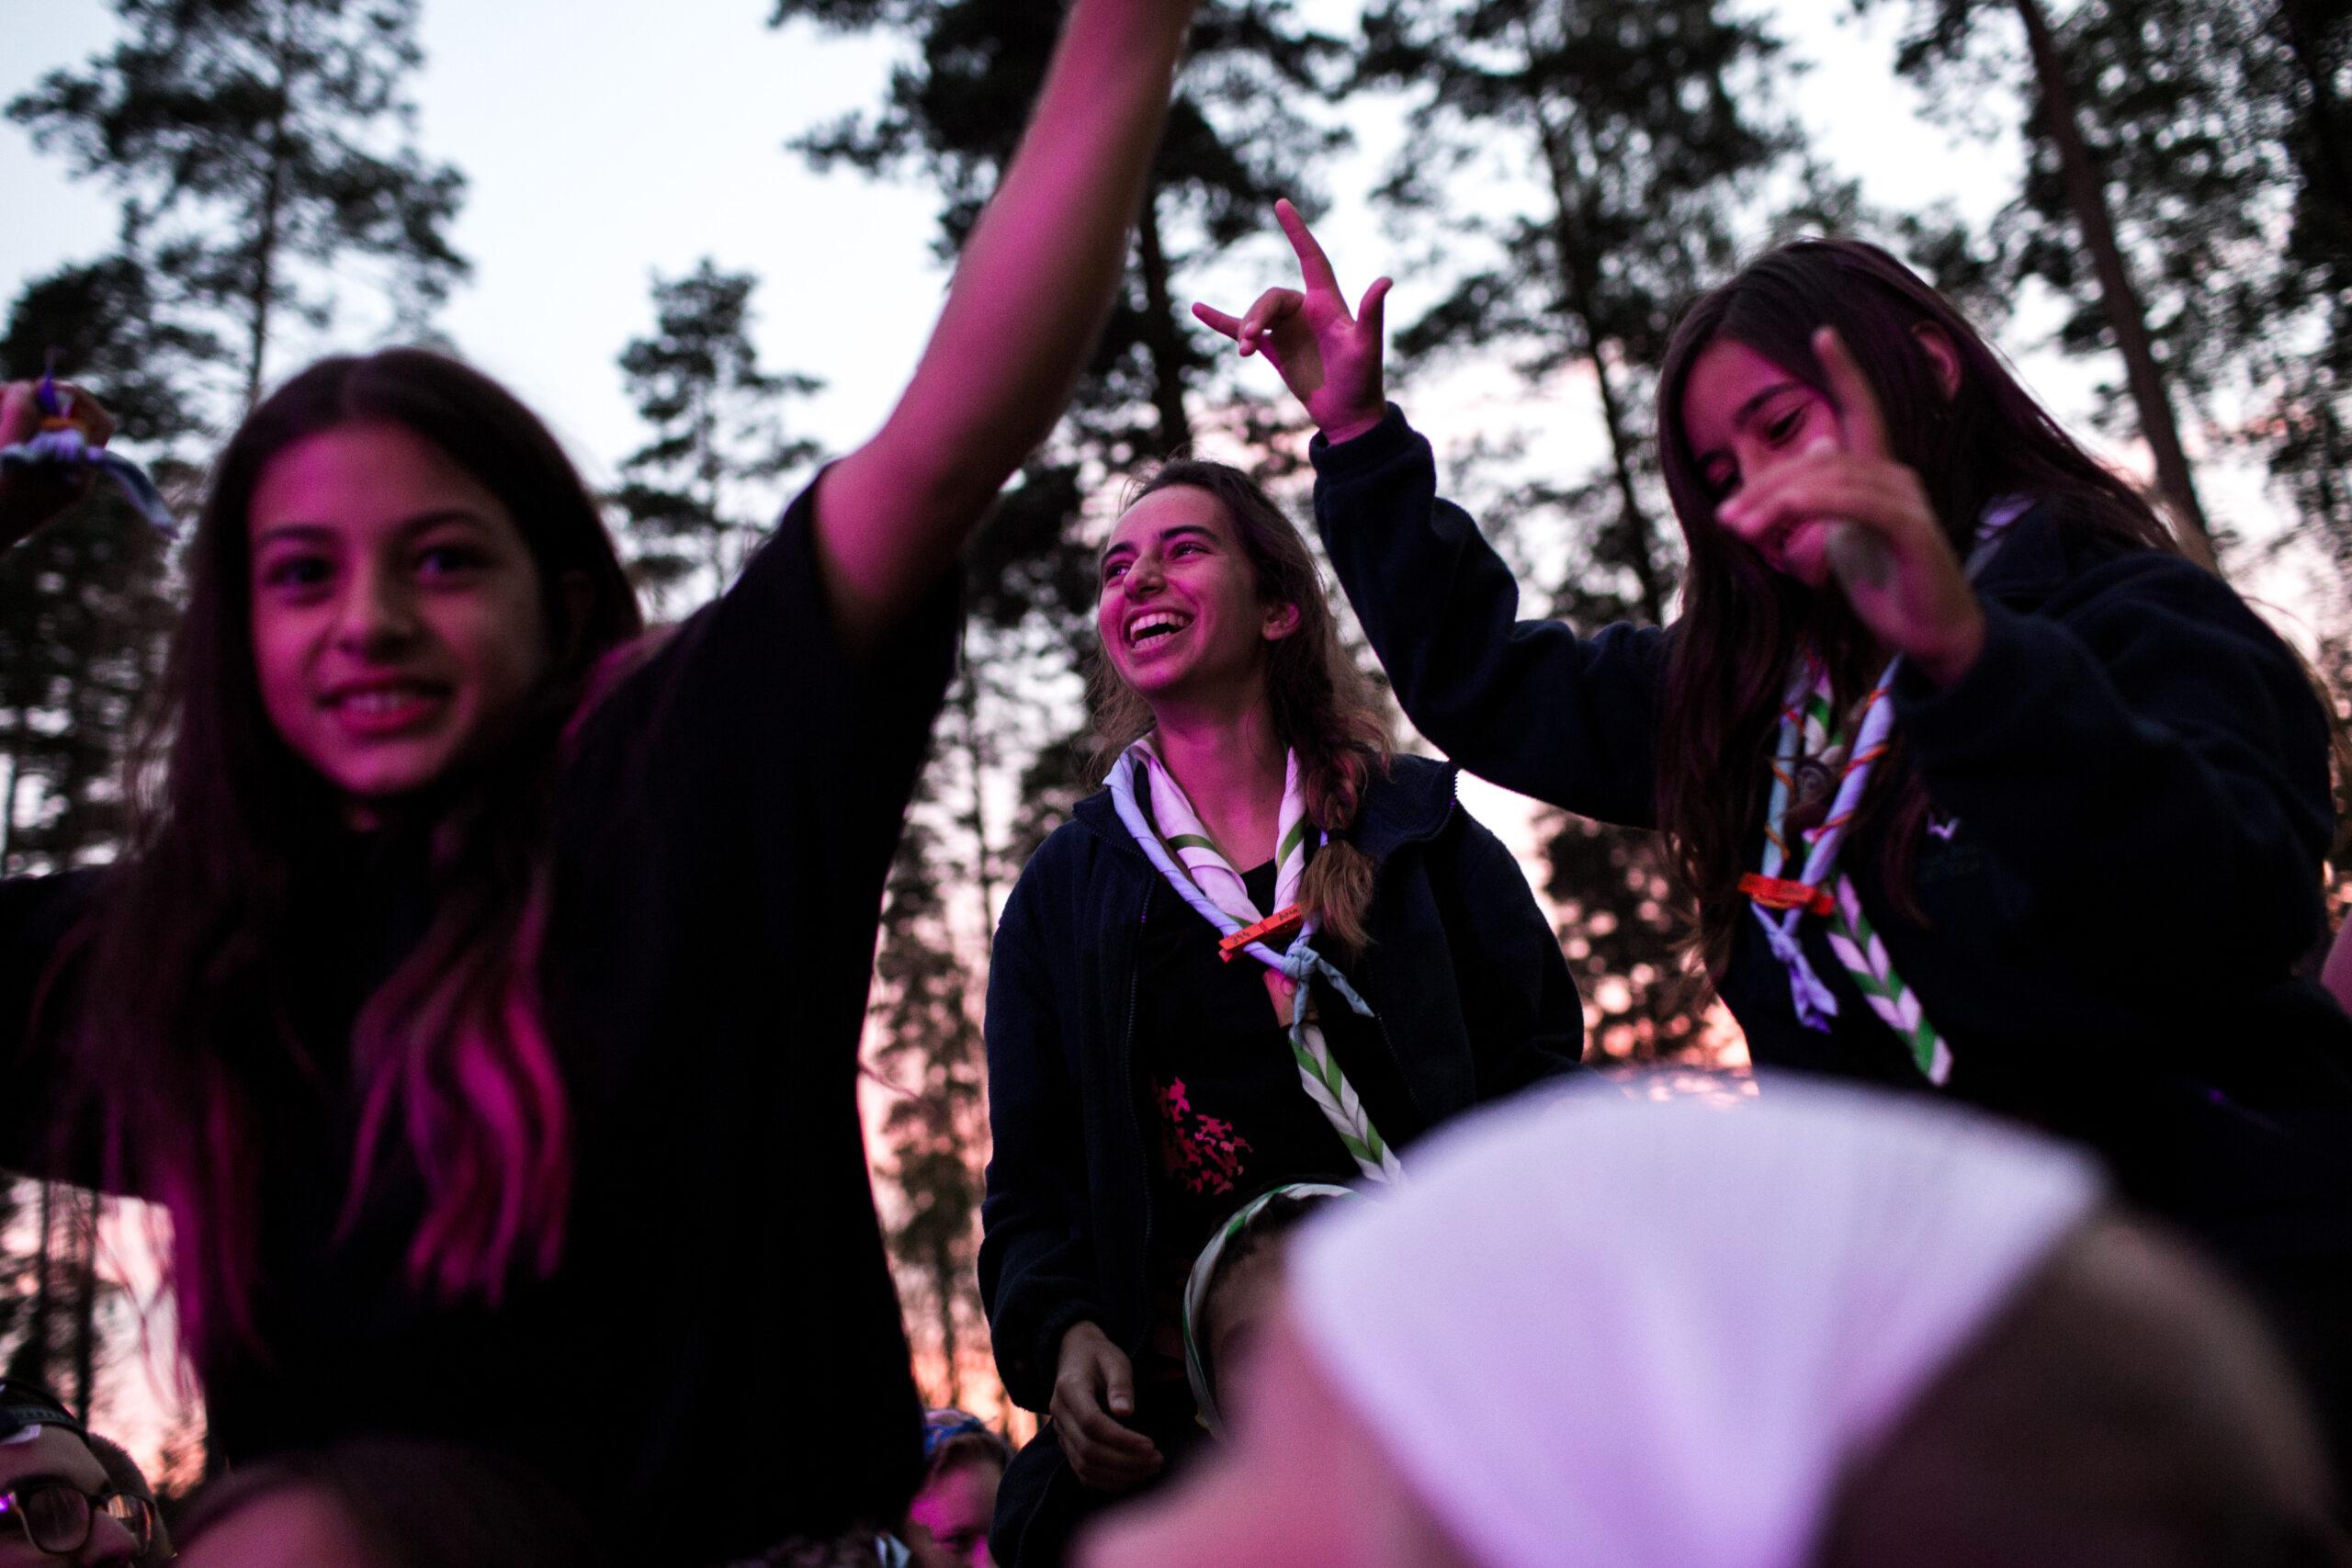 Kolme iloista partiolaista tanssimassa iltahämärässä